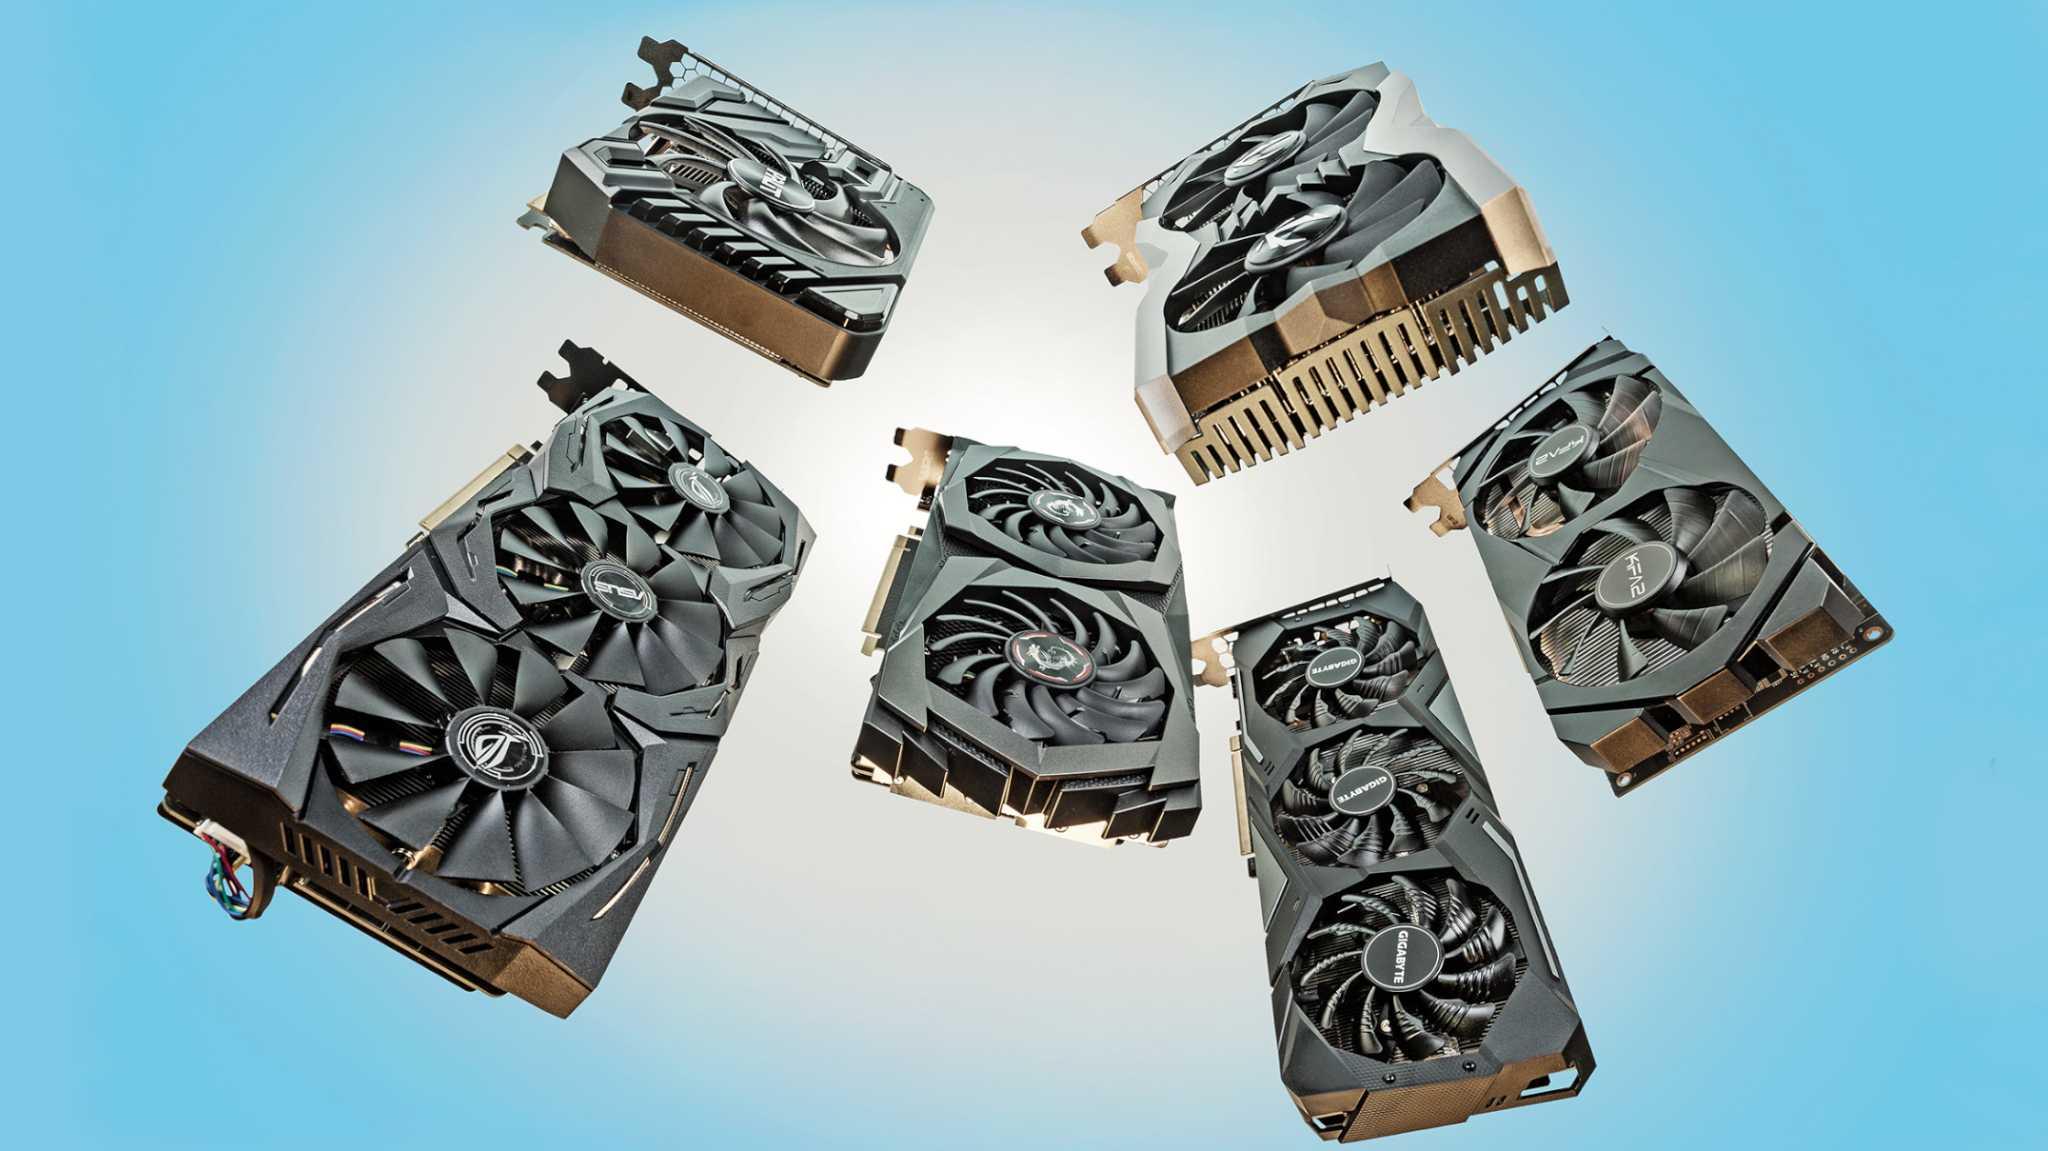 Sechs Grafikkarten mit GeForce RTX 2060